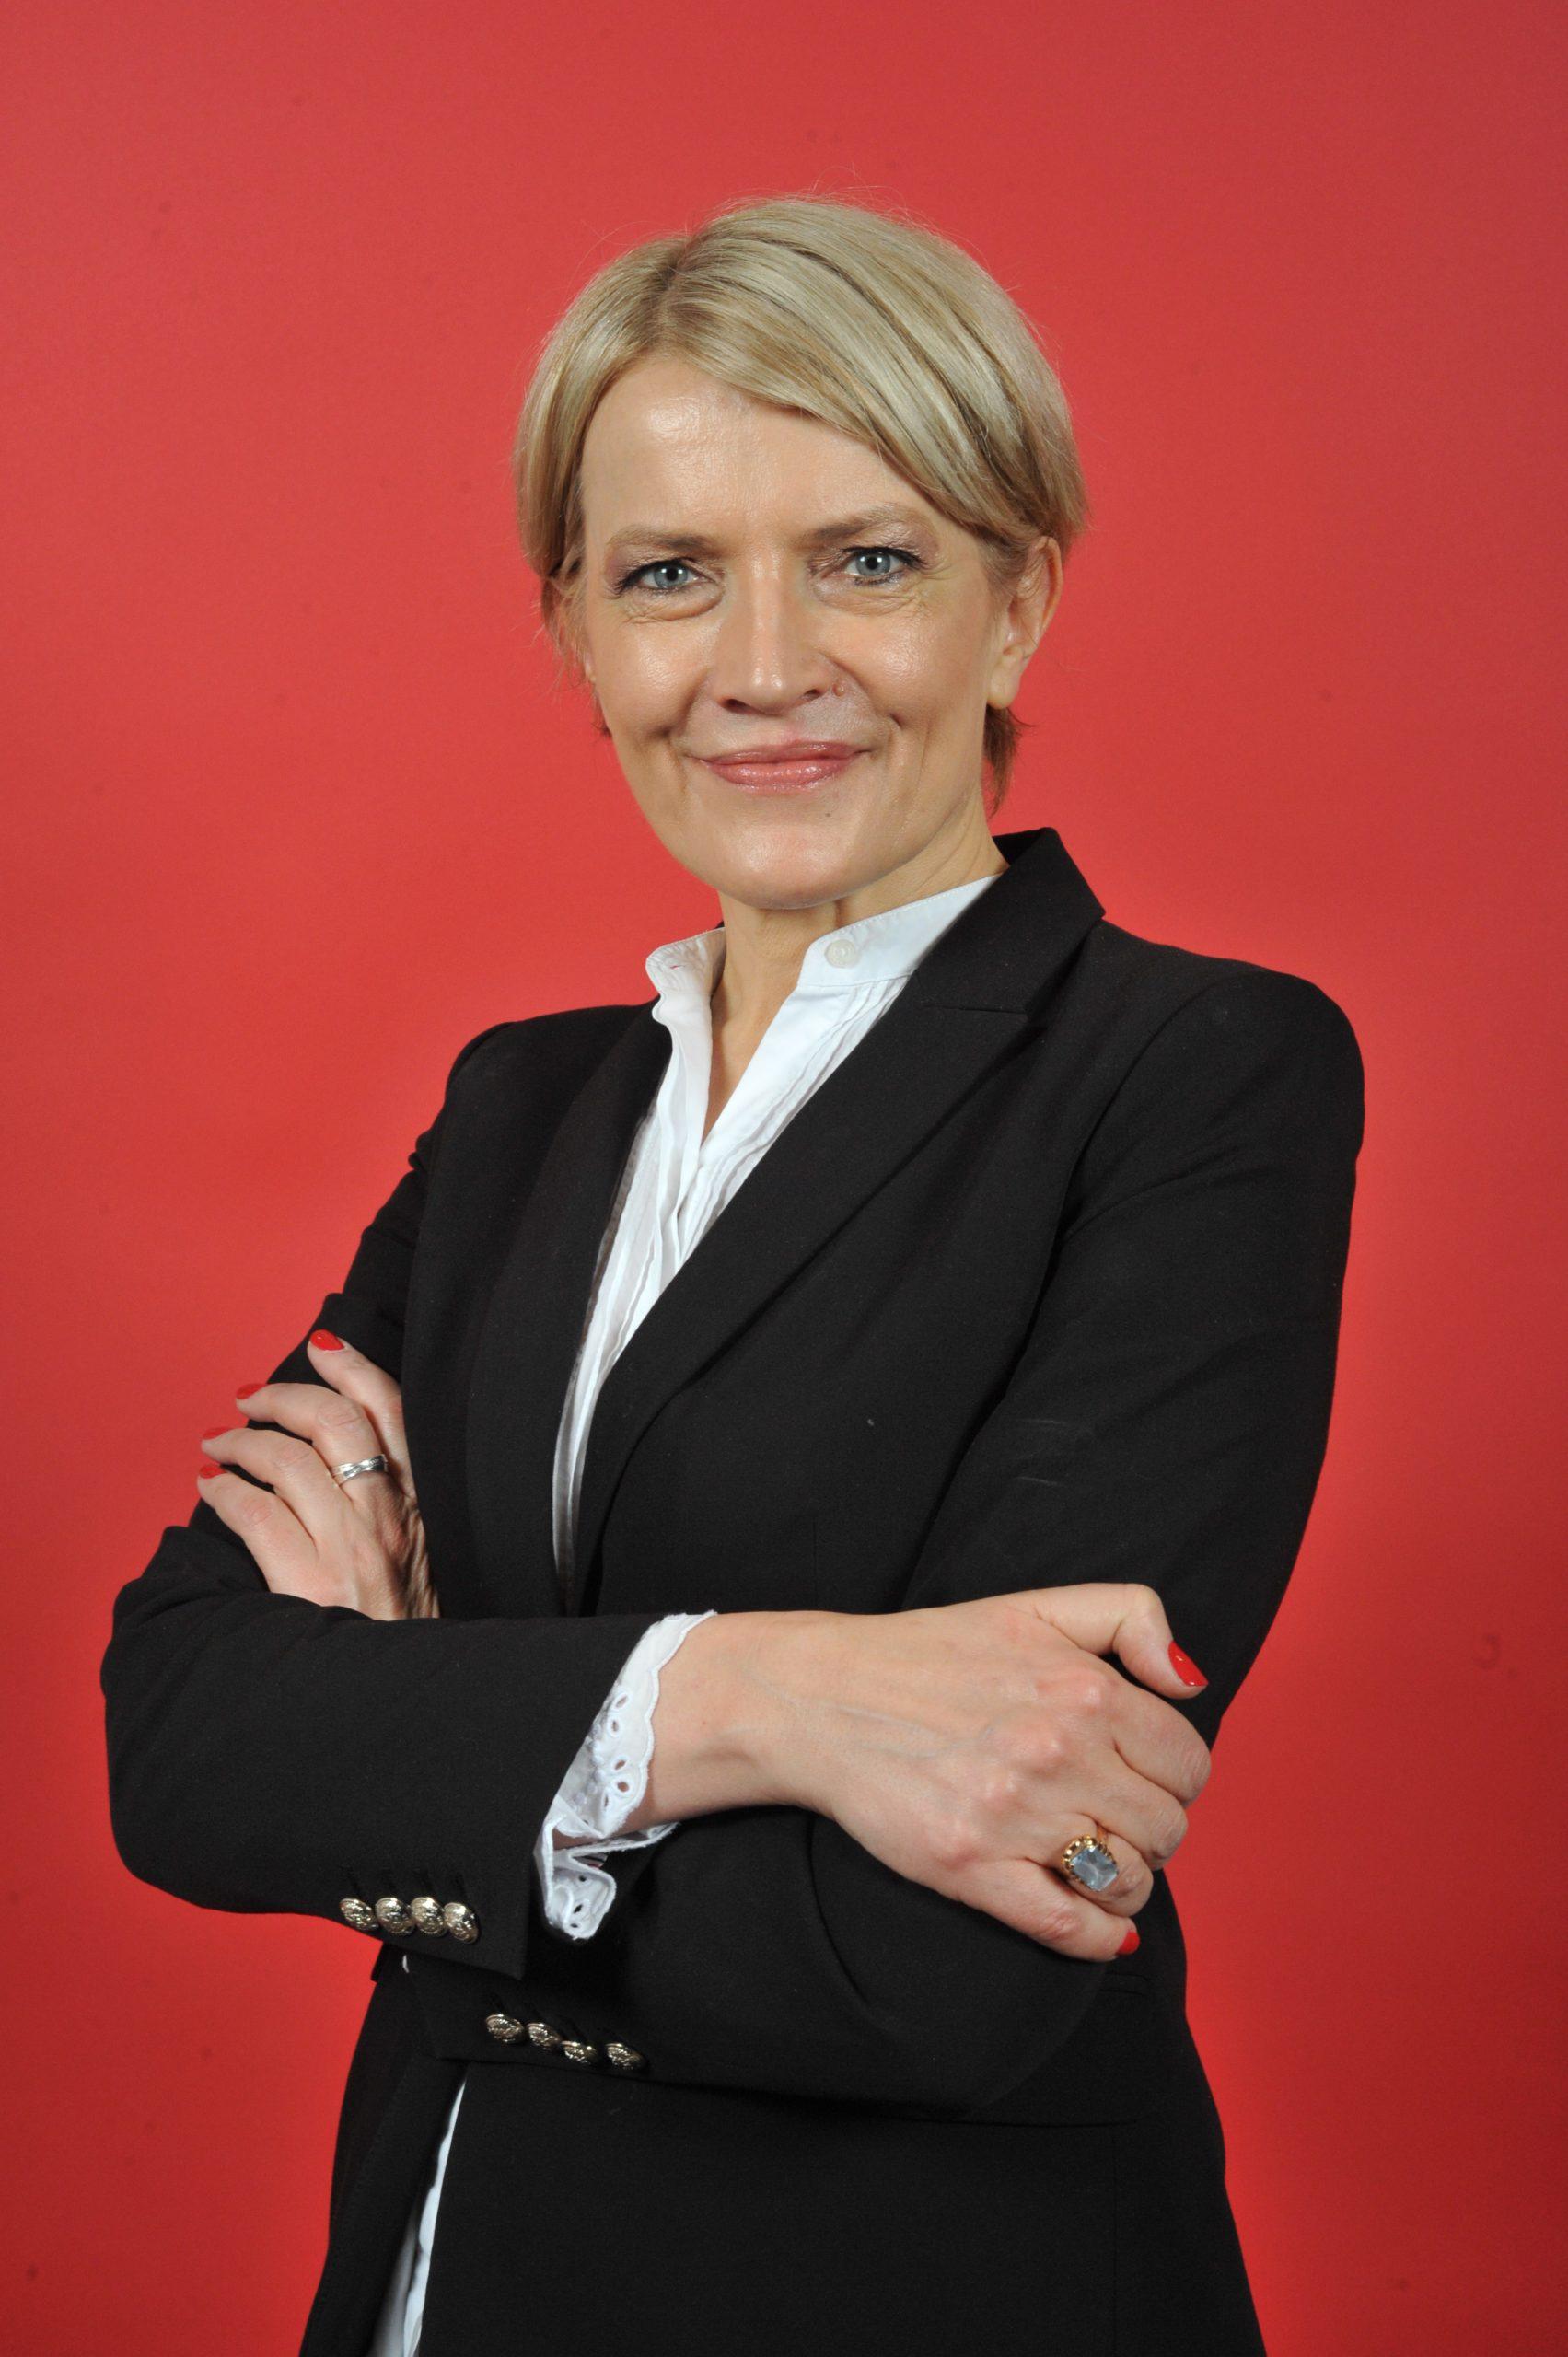 Agata Nowakowska, Skillsoft